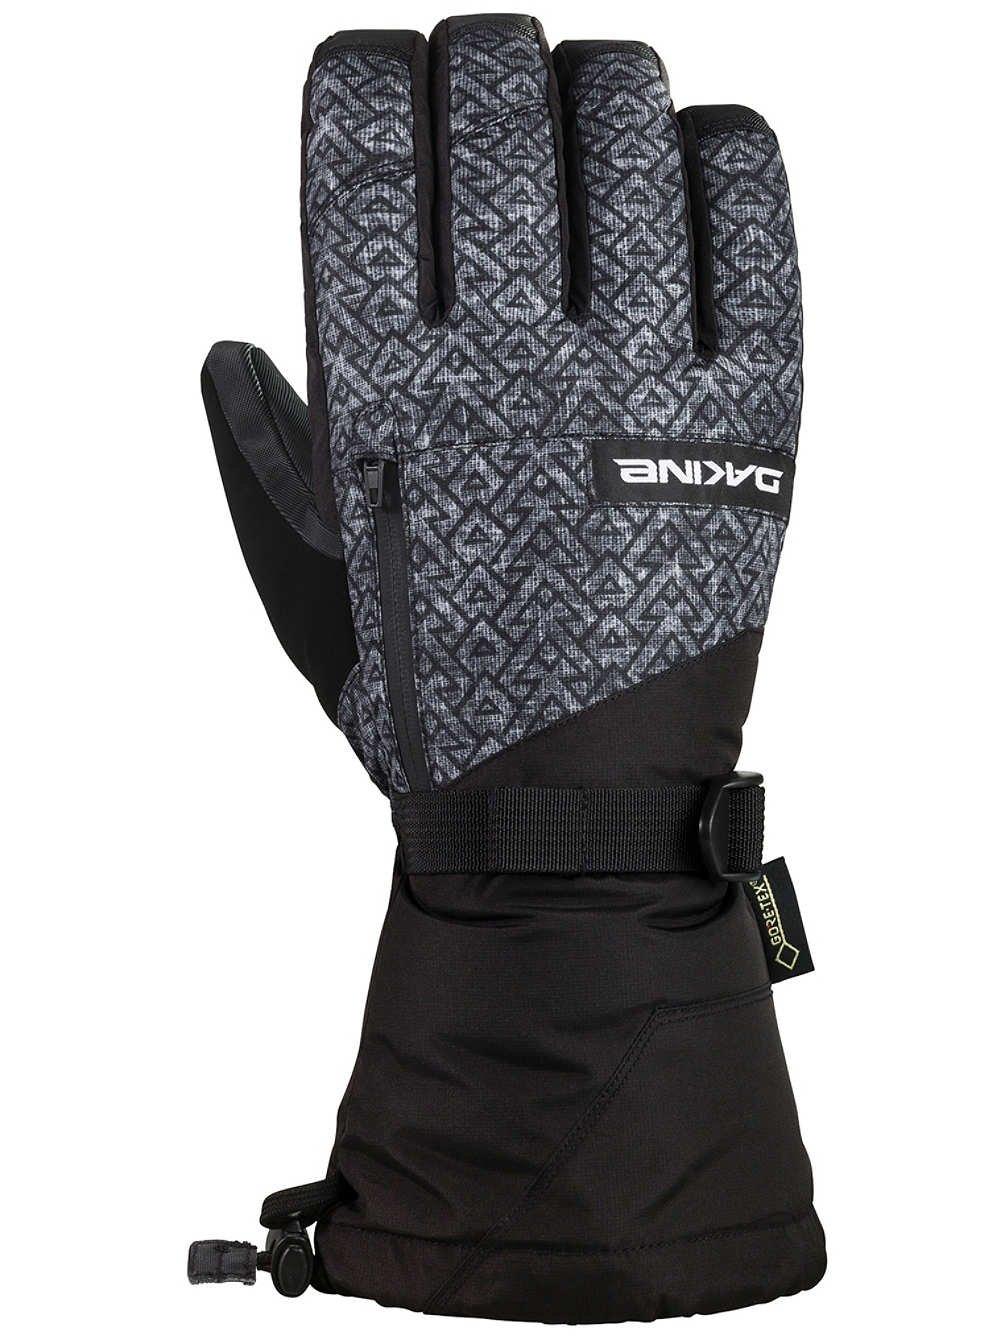 Dakine Men's Titan Gloves, Stacked, S by Dakine